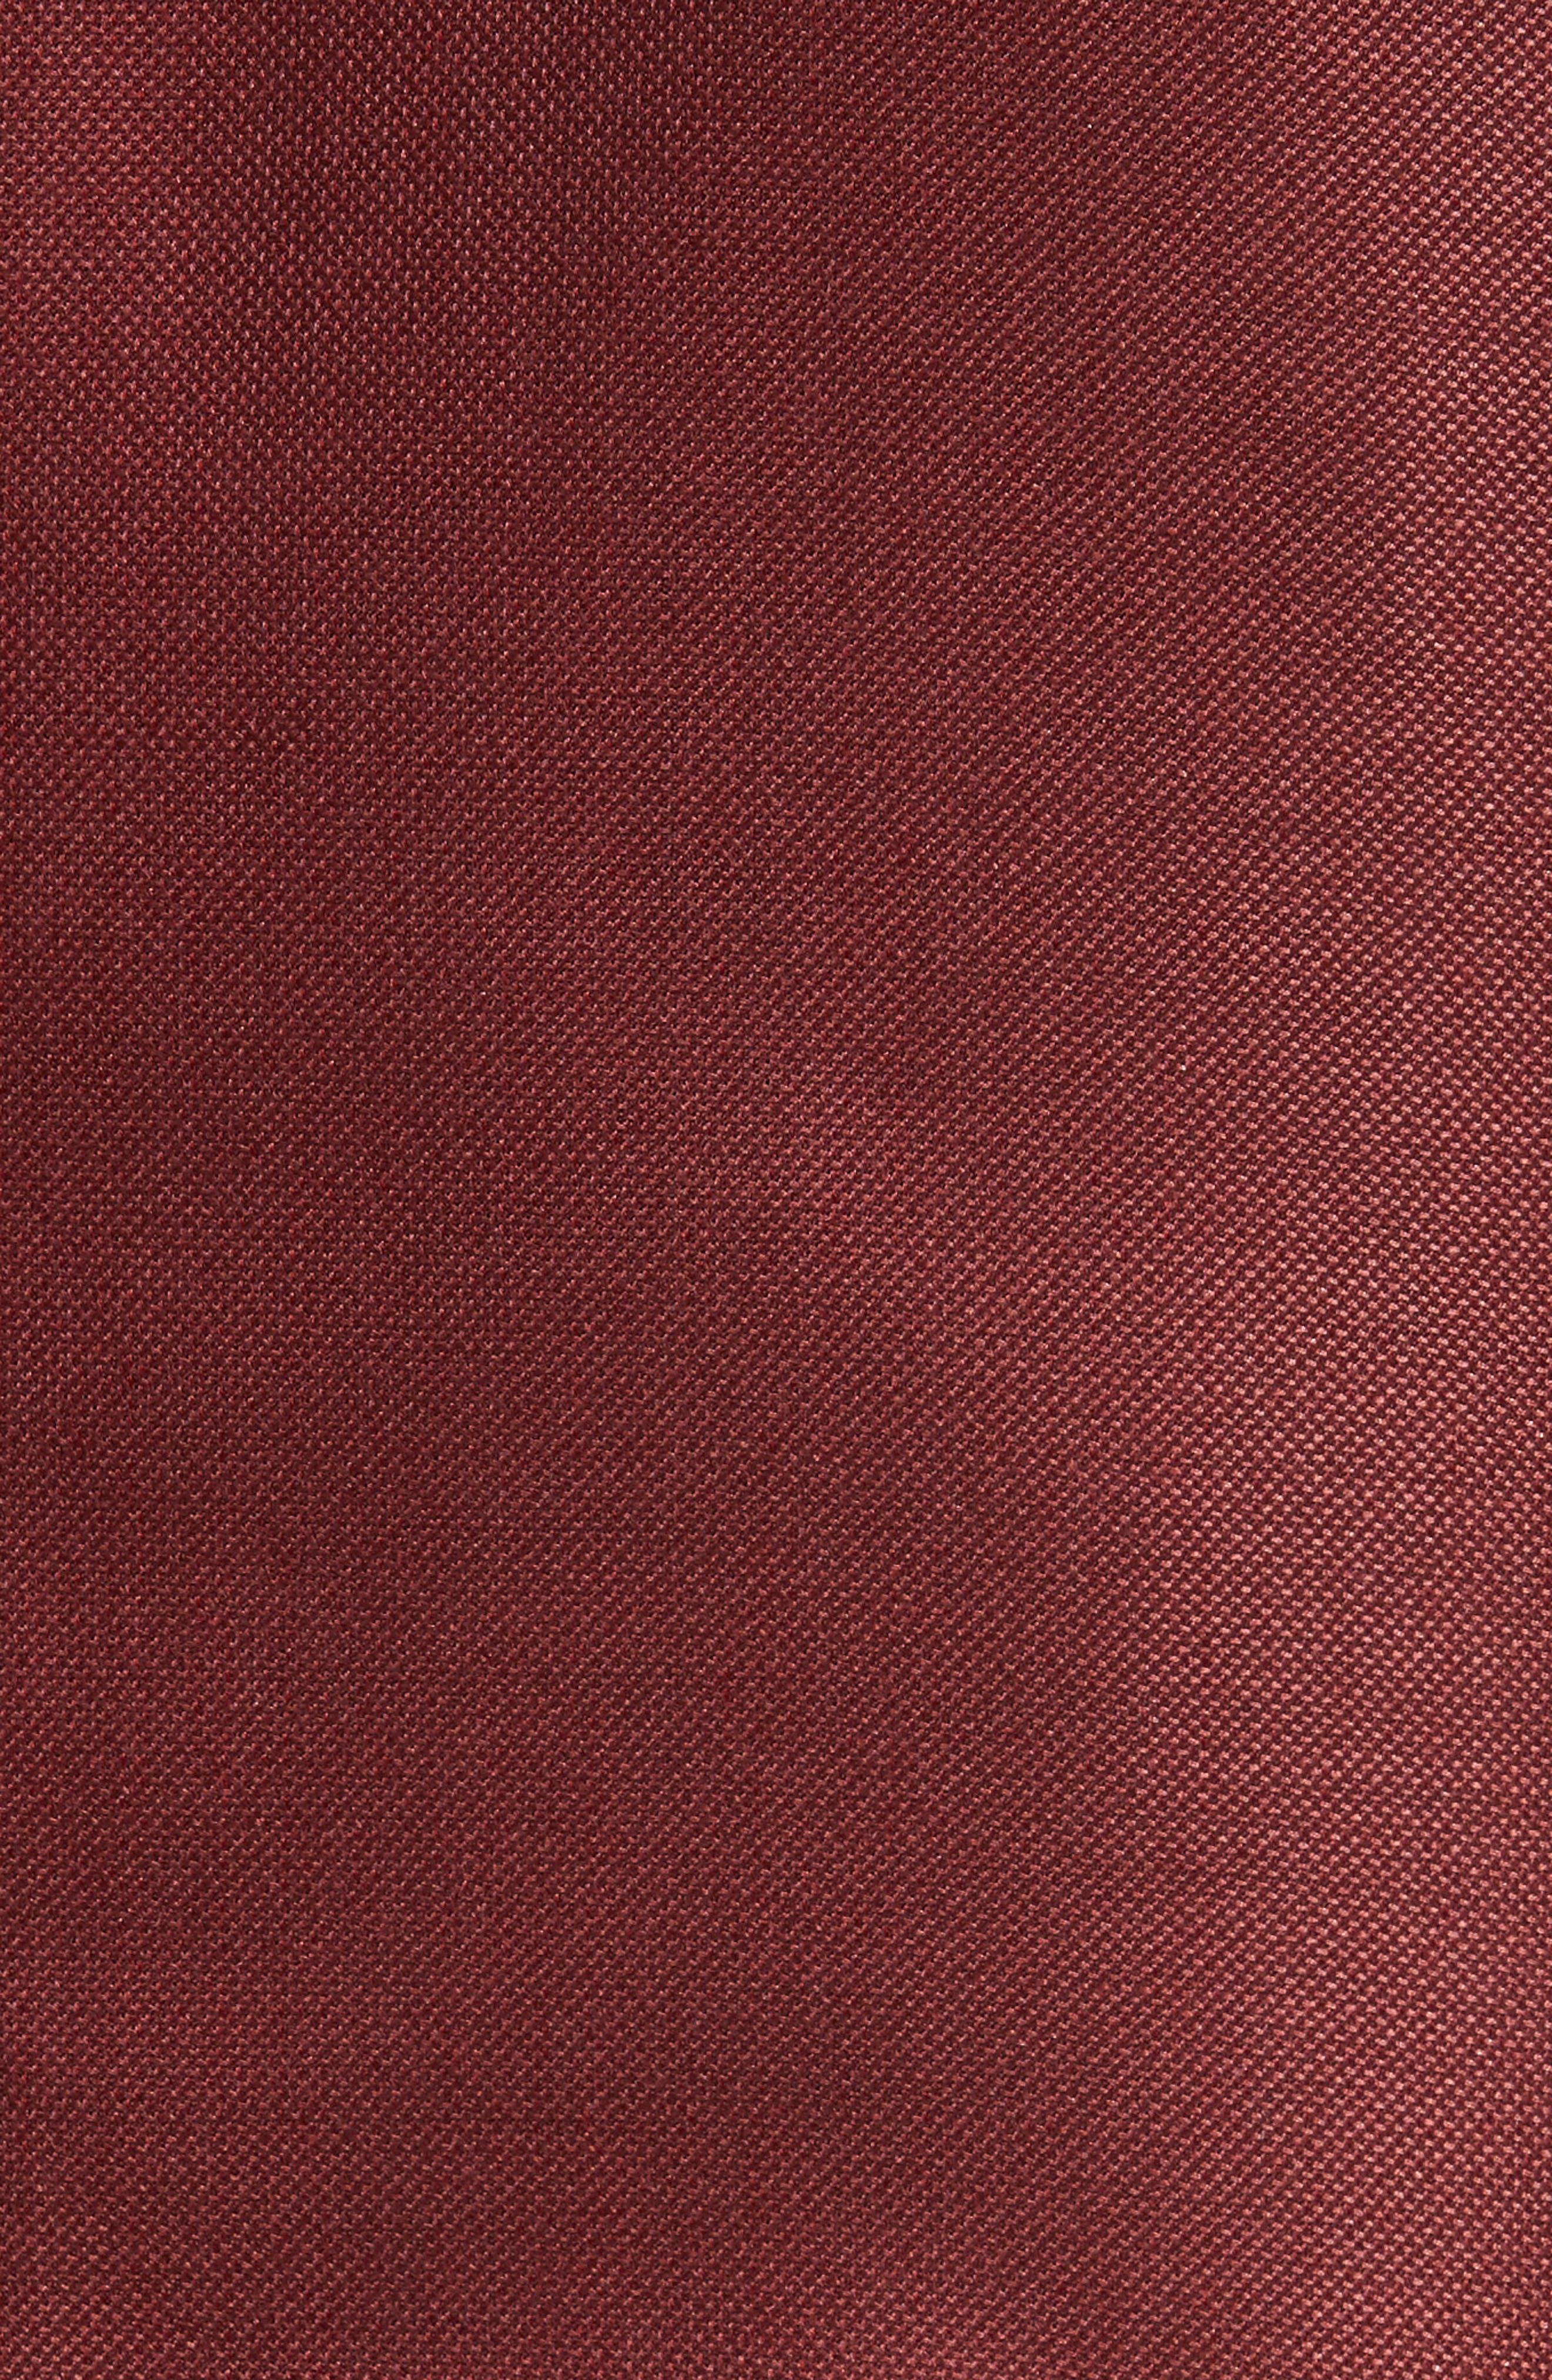 Trim Fit Cashmere & Silk Blazer,                             Alternate thumbnail 24, color,